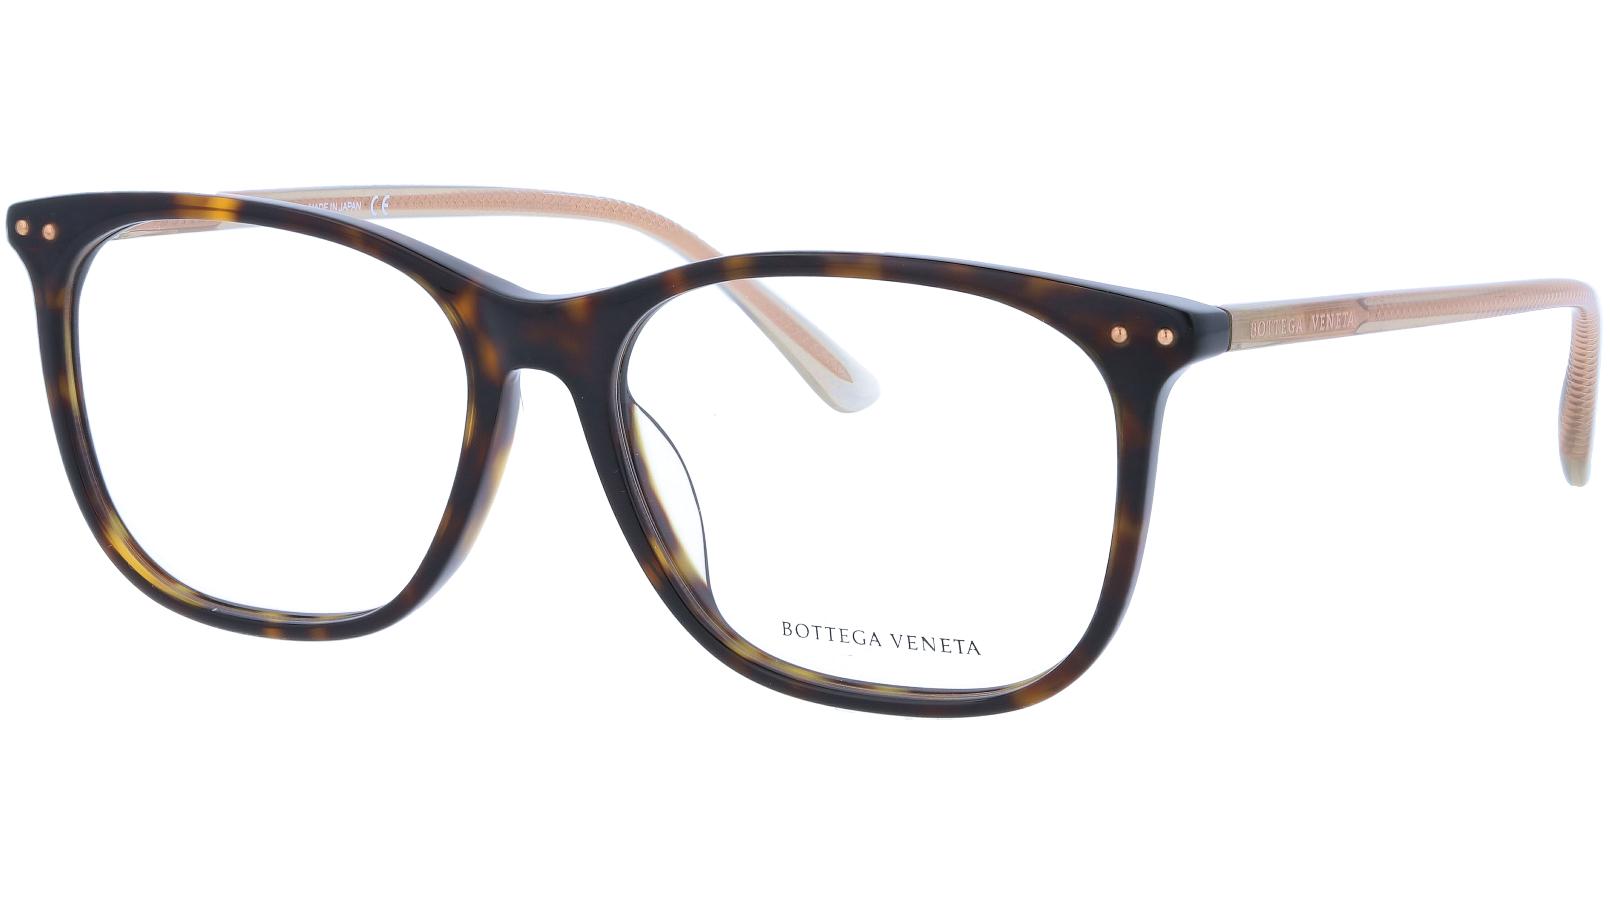 BOTTEGA VENETA BV0193OA 002 56 HAVANA Glasses